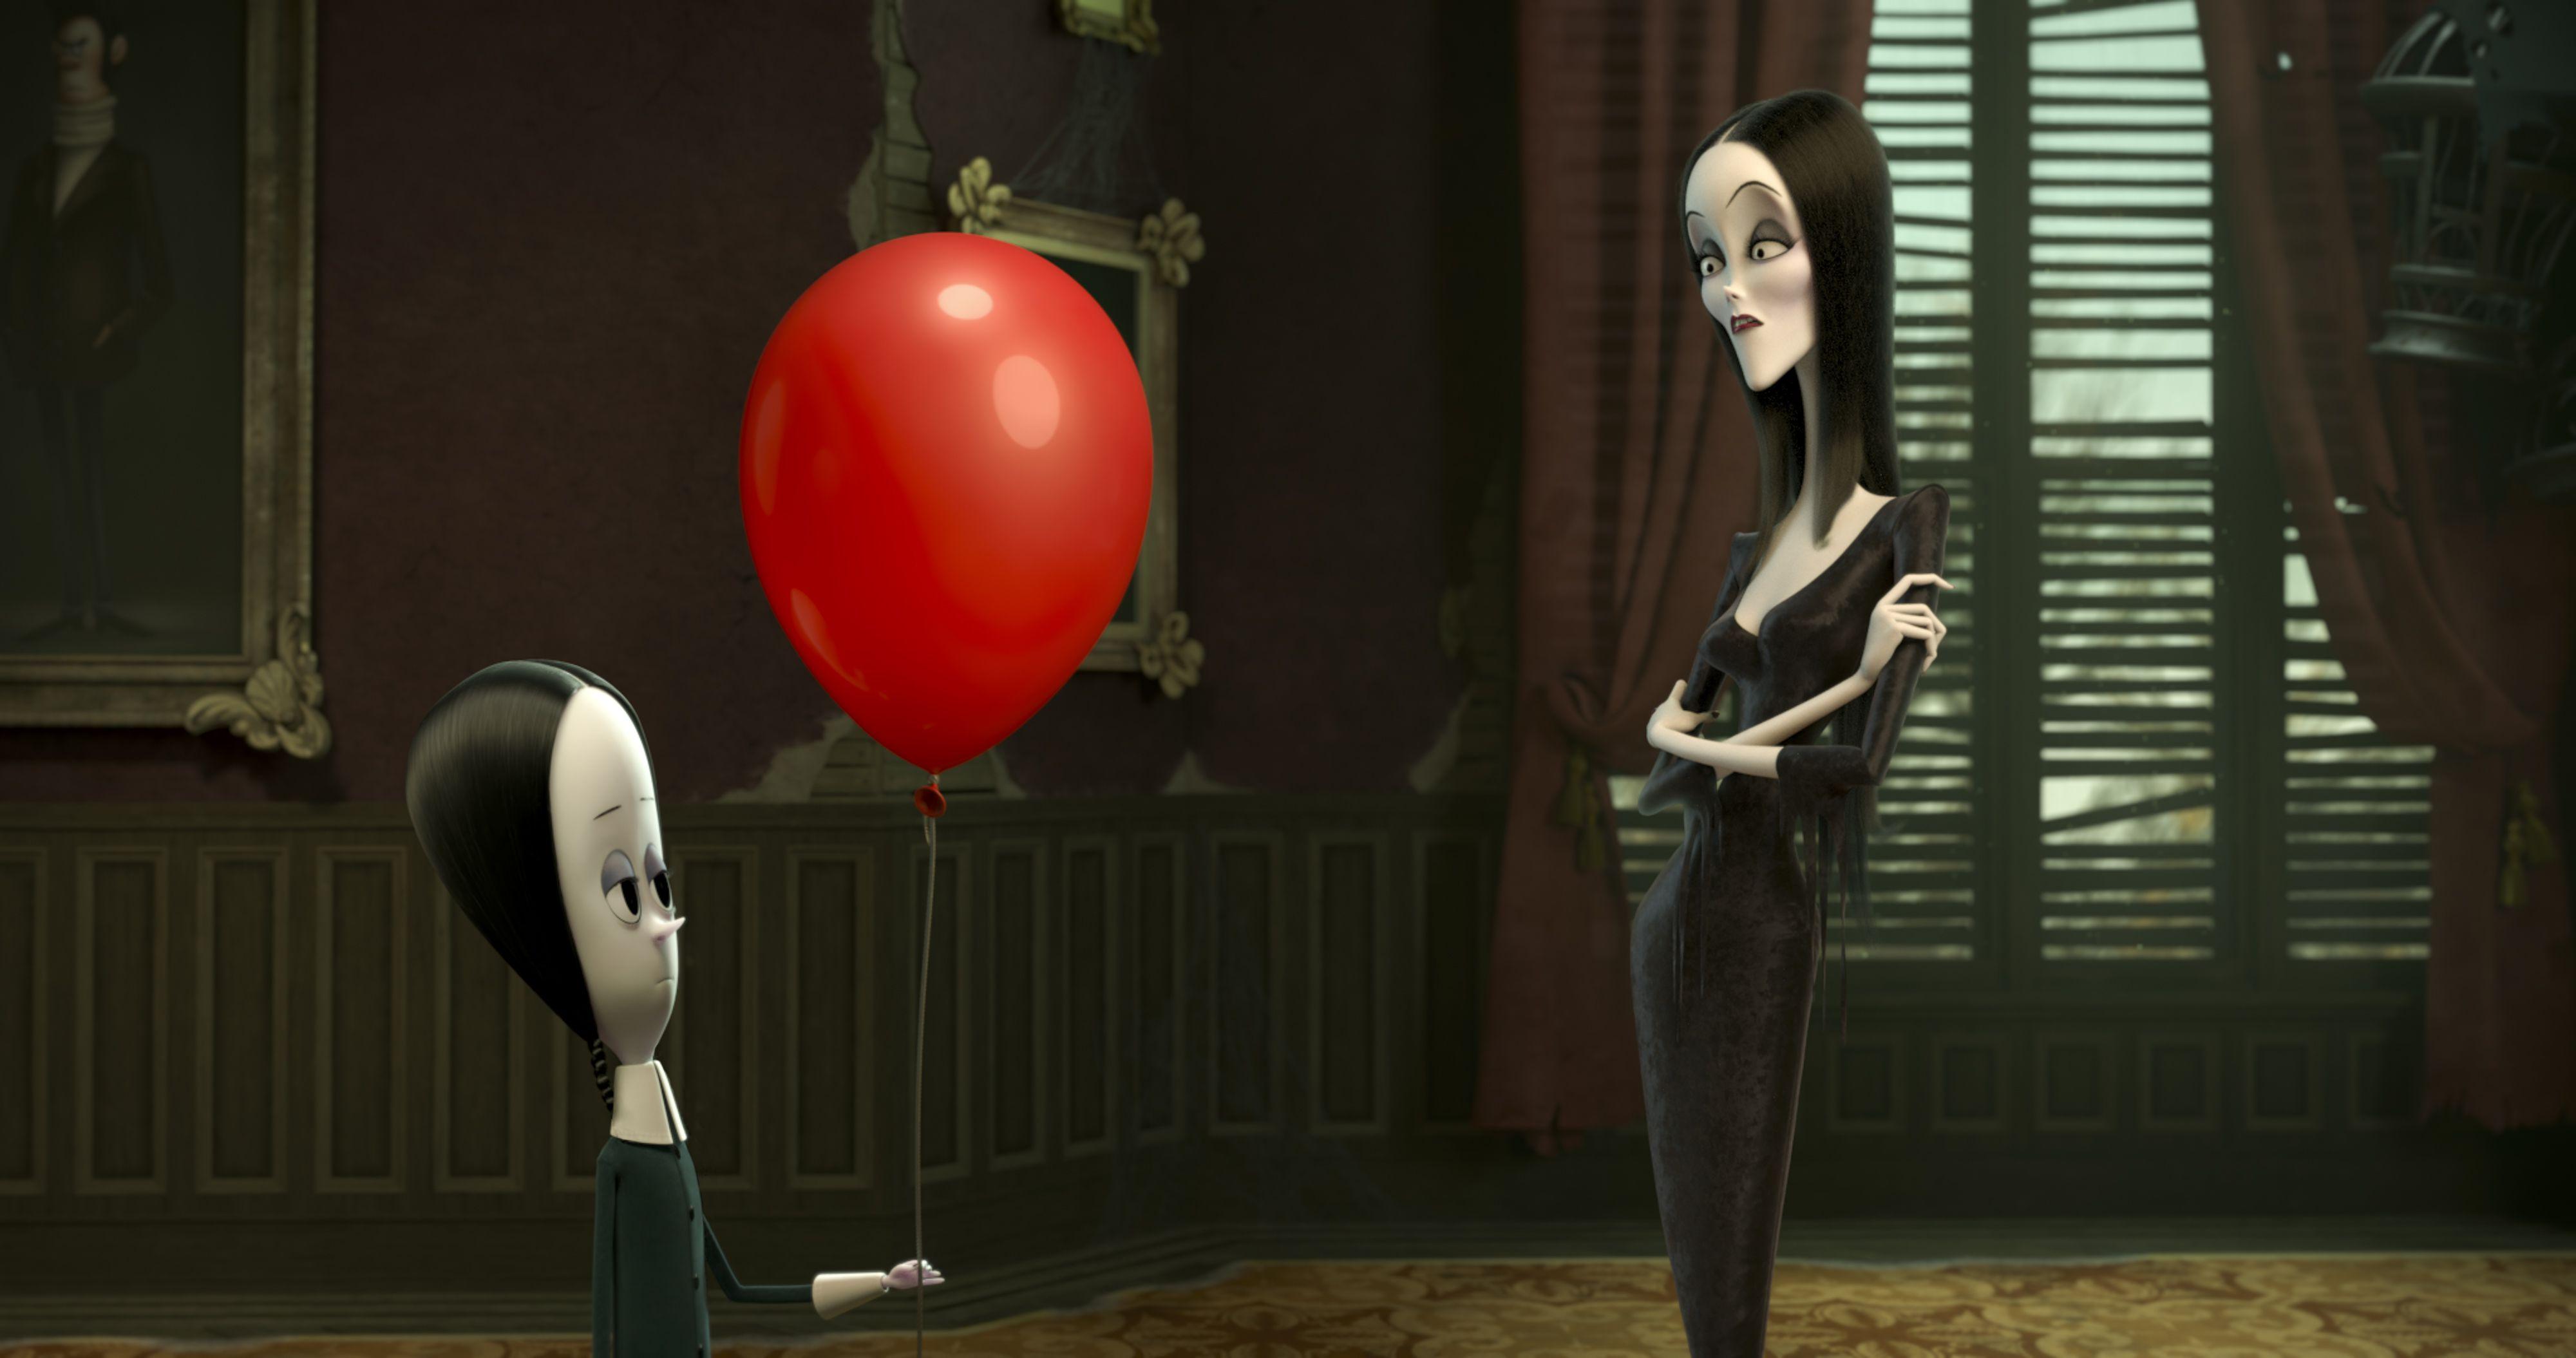 Lee La Resena De La Pelicula The Addams Family Con Oscar Isaac Y Charlize Theron